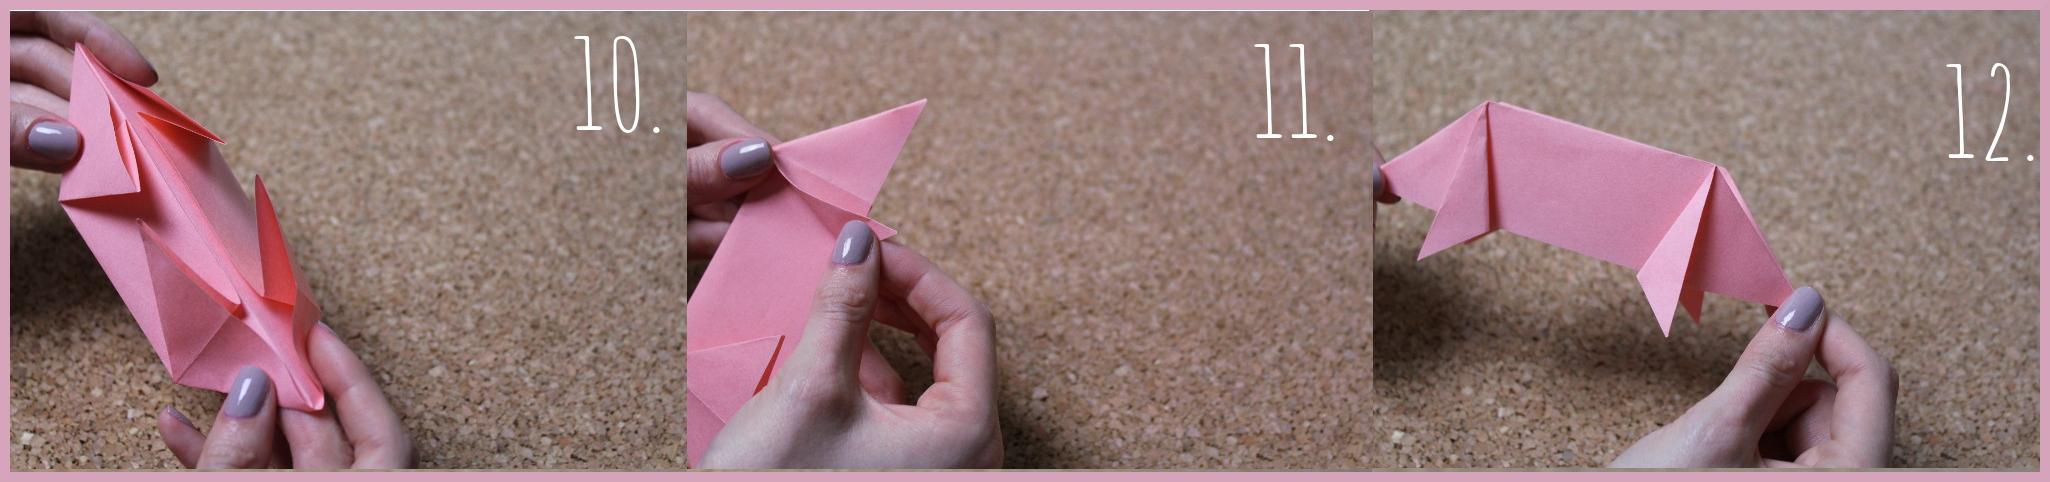 Origami Schwein Bastelanleitung von frau friemel Schritt 10-12